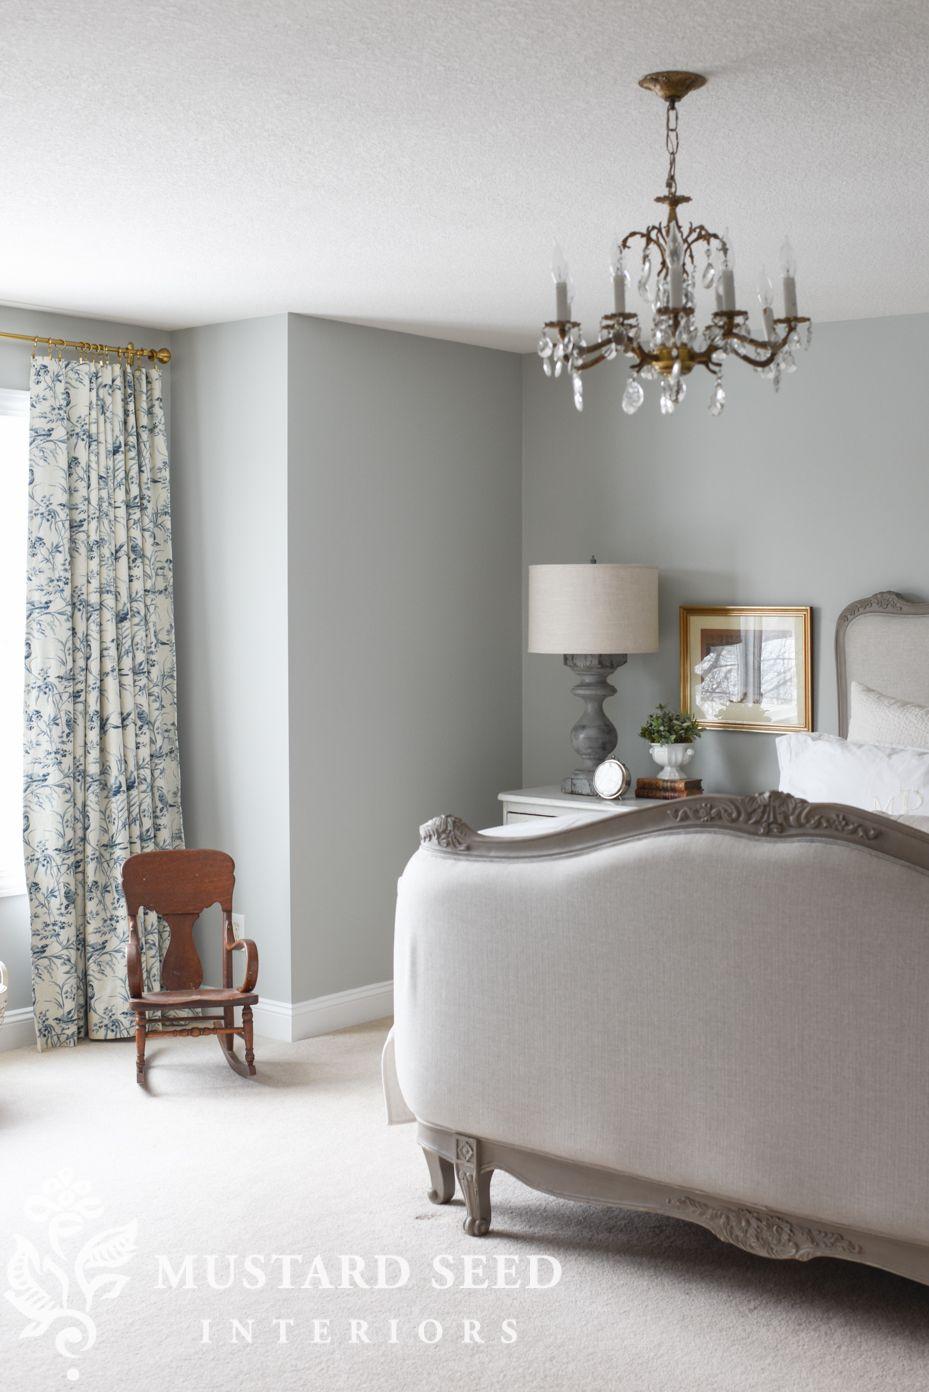 Master bedroom curtains  master bedroom curtains  What I LoveWant  Pinterest  Bedroom